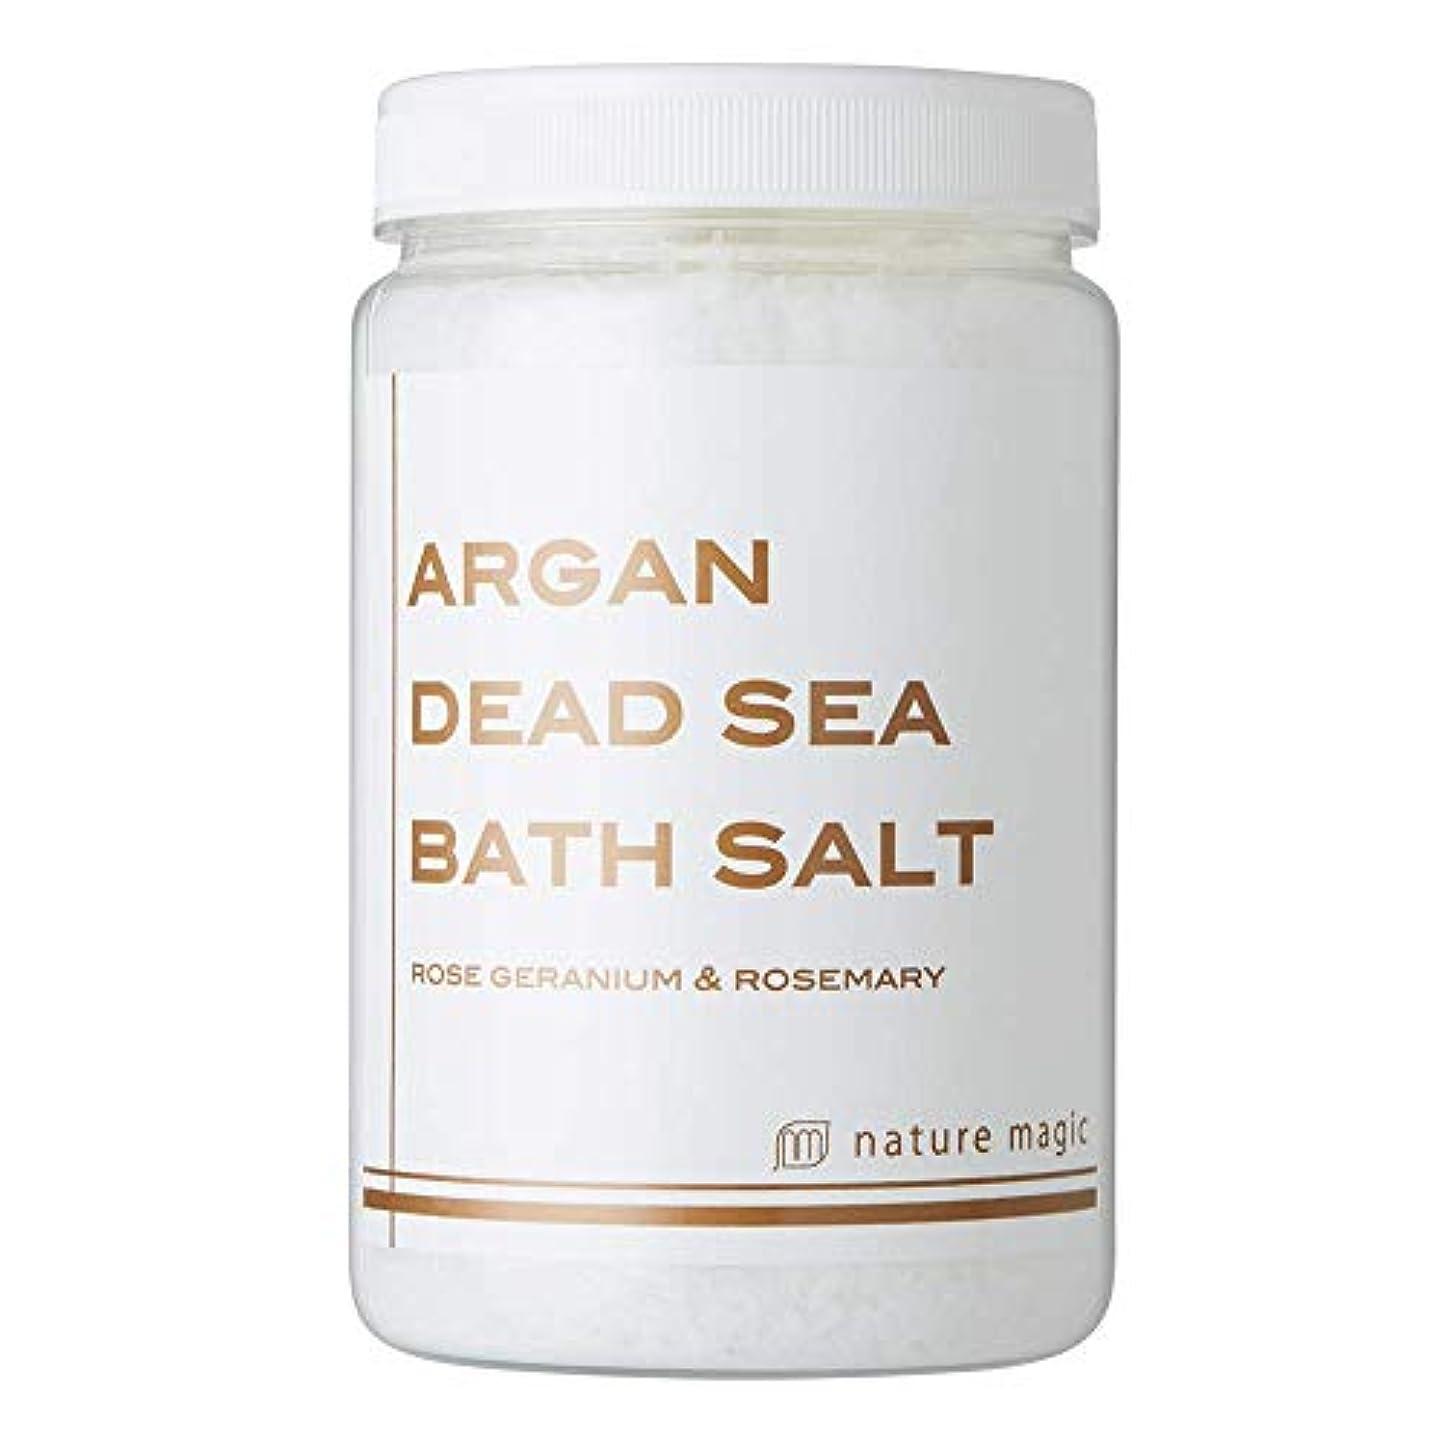 デザート遵守する【死海の天然塩にアルガンオイルを配合した全身ポカポカ、お肌つるつる入浴剤】アルガンデッドシーバスソルト